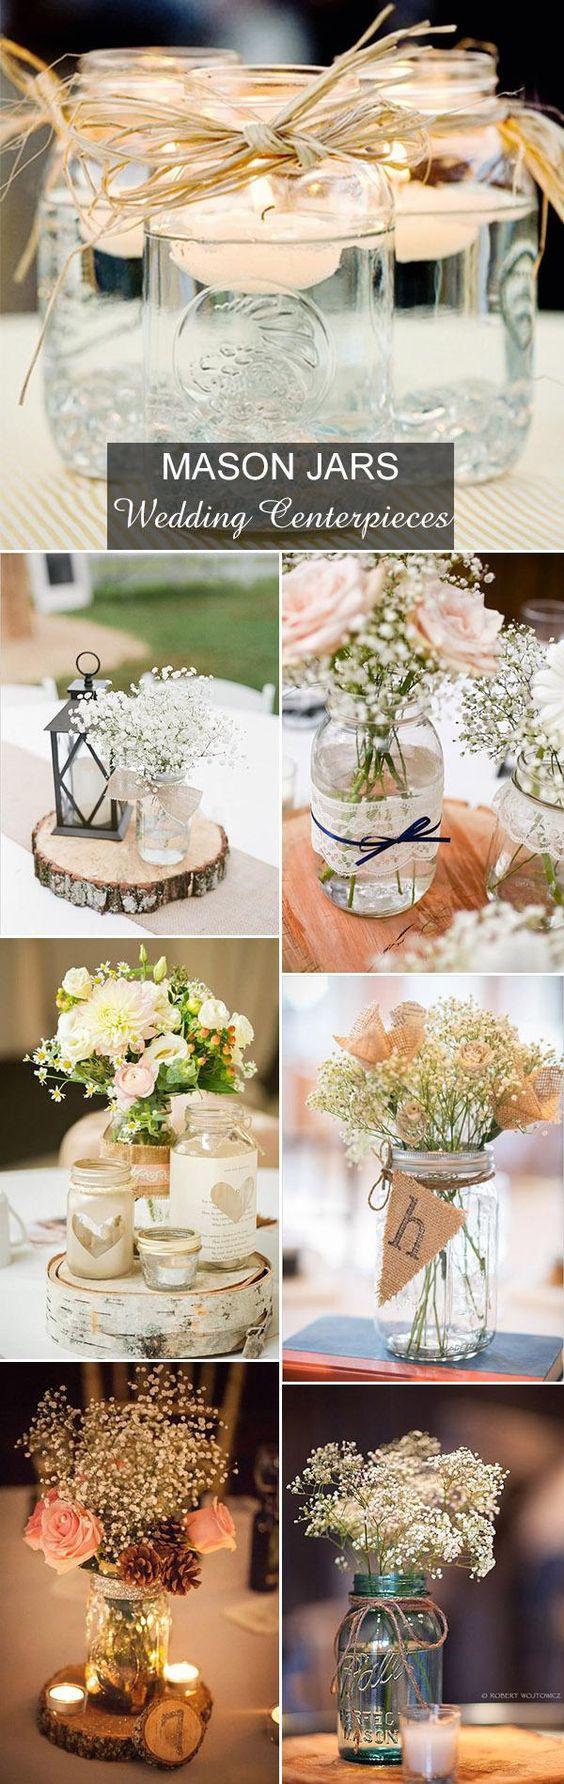 diy ideias decoracao casamento 1